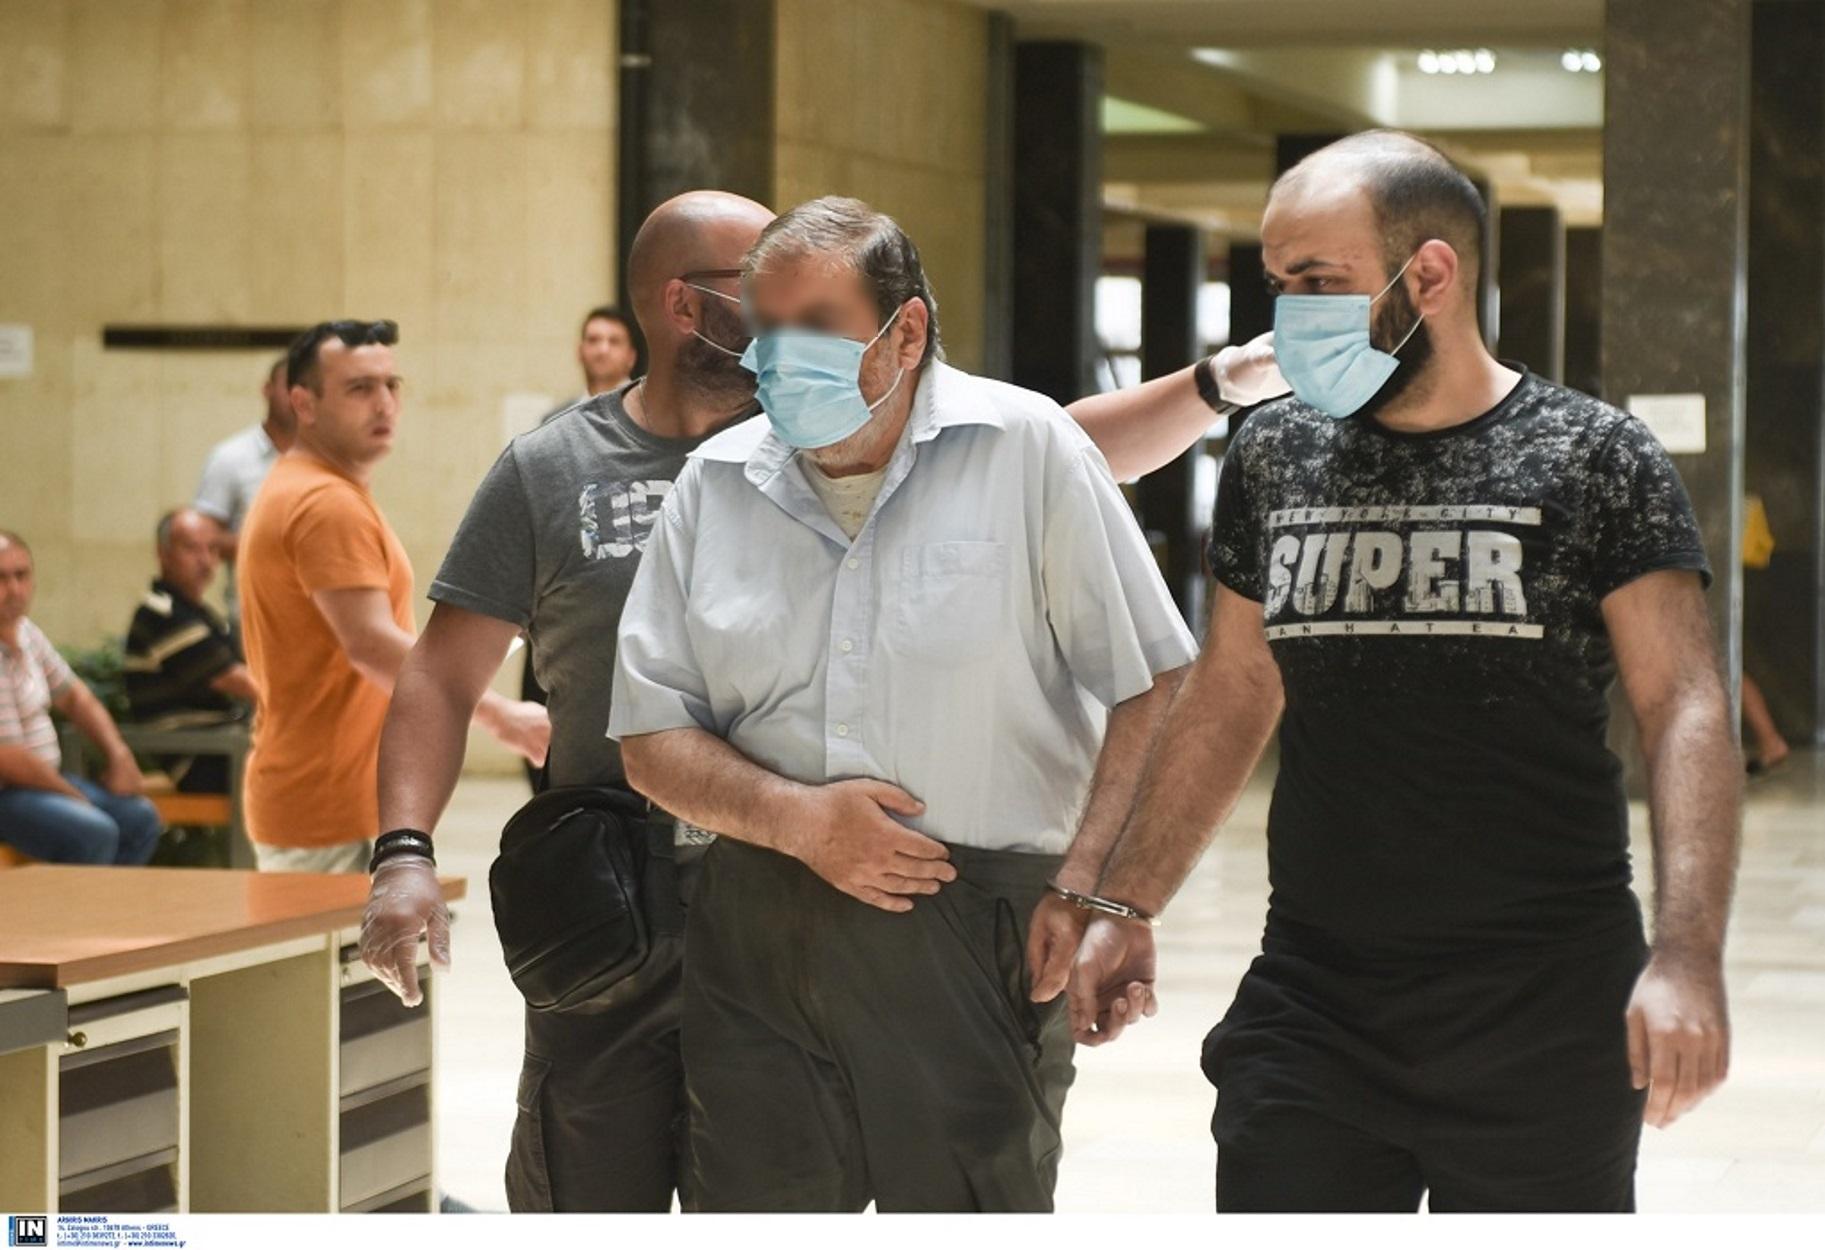 Θεσσαλονίκη: Ελεύθερος ο 63χρονος για την απόπειρα αρπαγής της 10χρονης (pics, video)